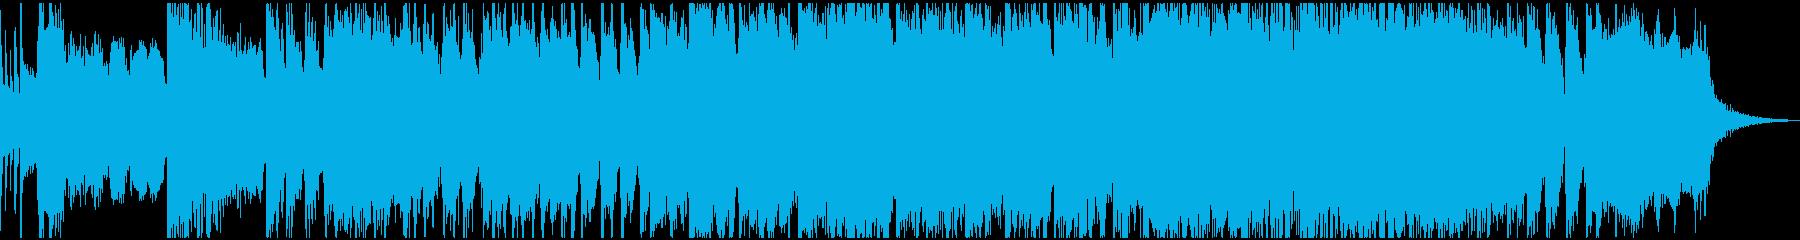 格闘ゲームをイメージした熱いロックの再生済みの波形